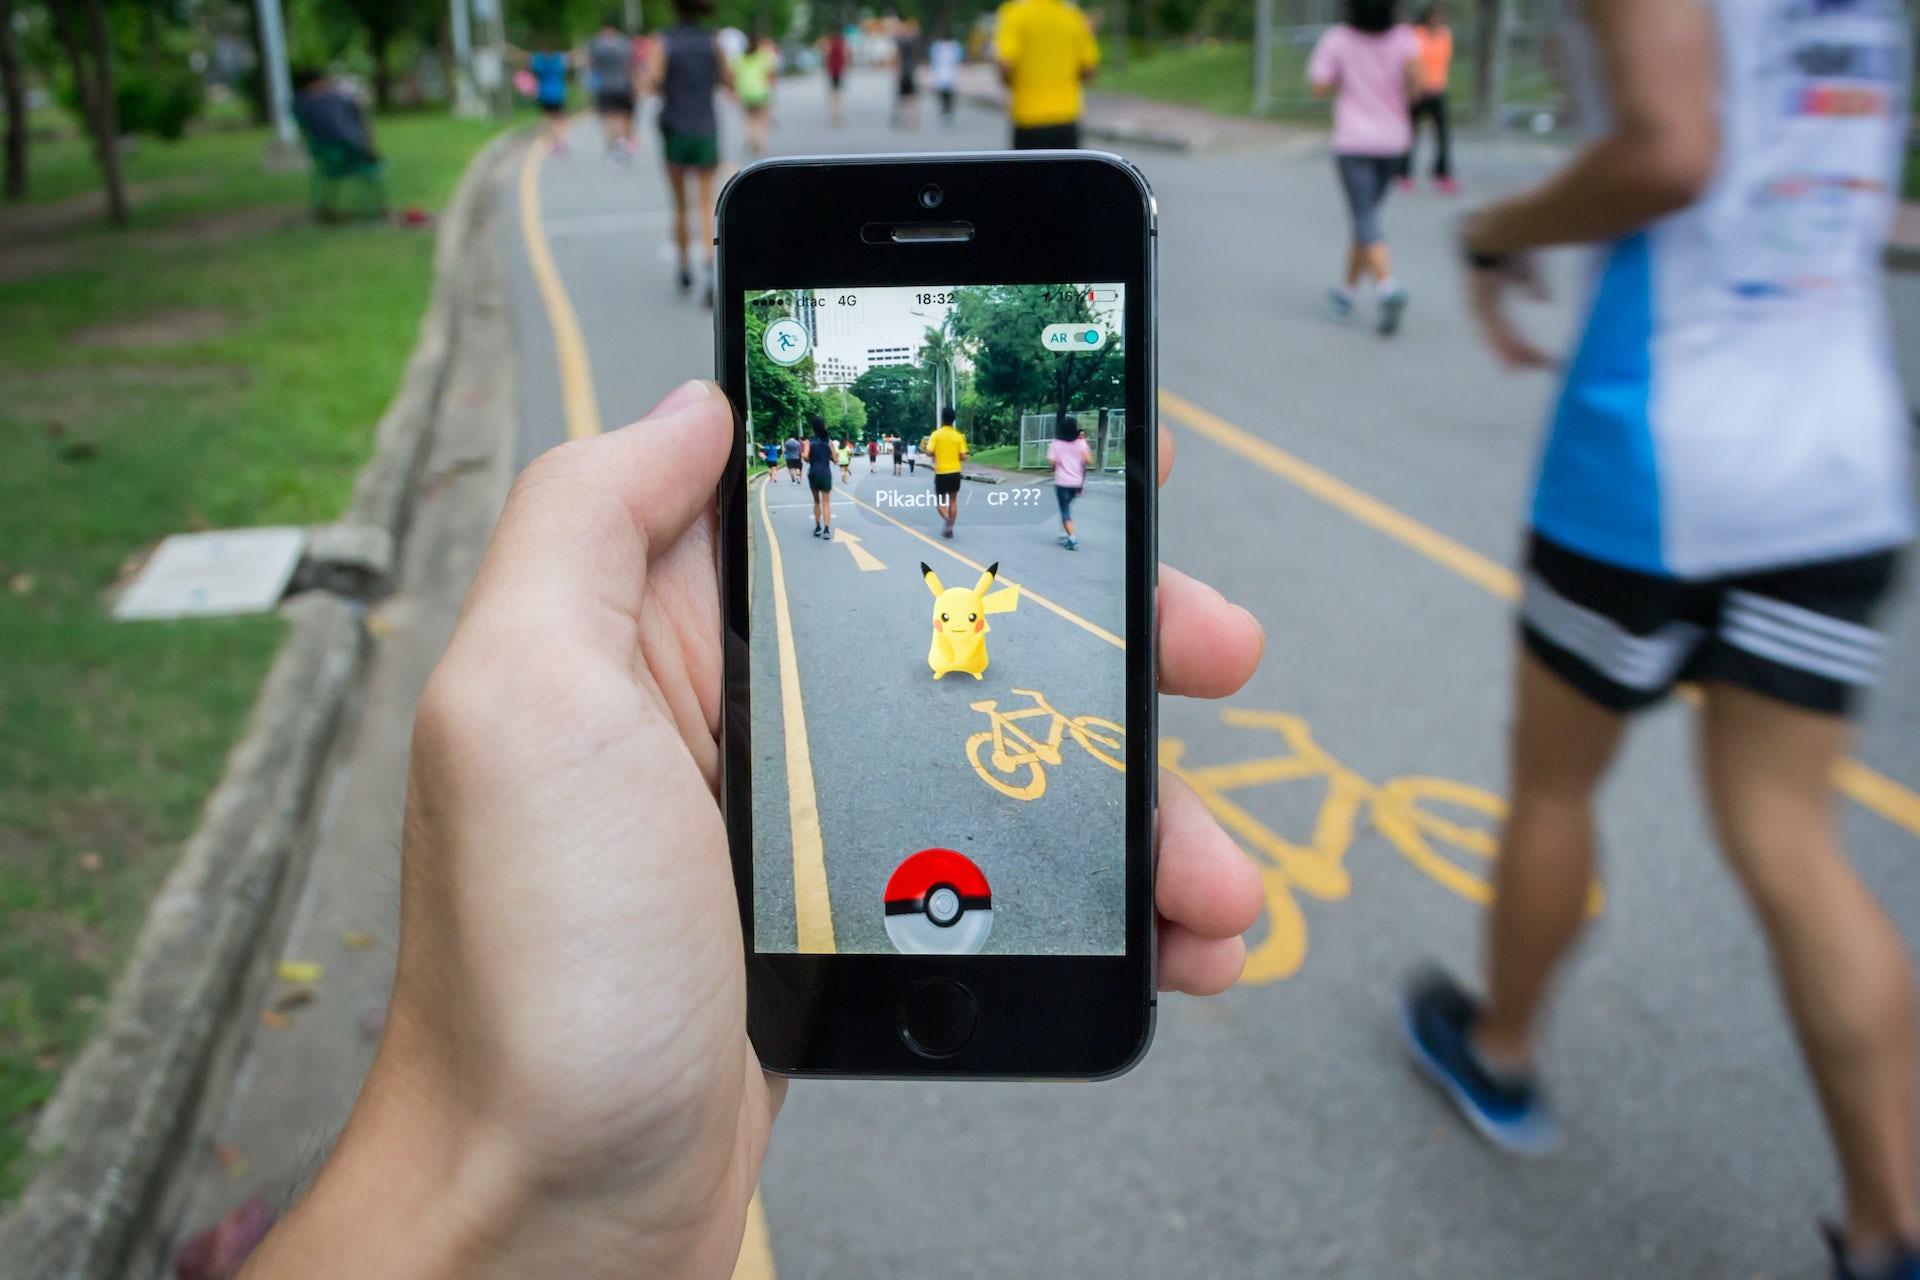 Juegos como Pokémon Go ayudan a fomentar la participación ciudadana